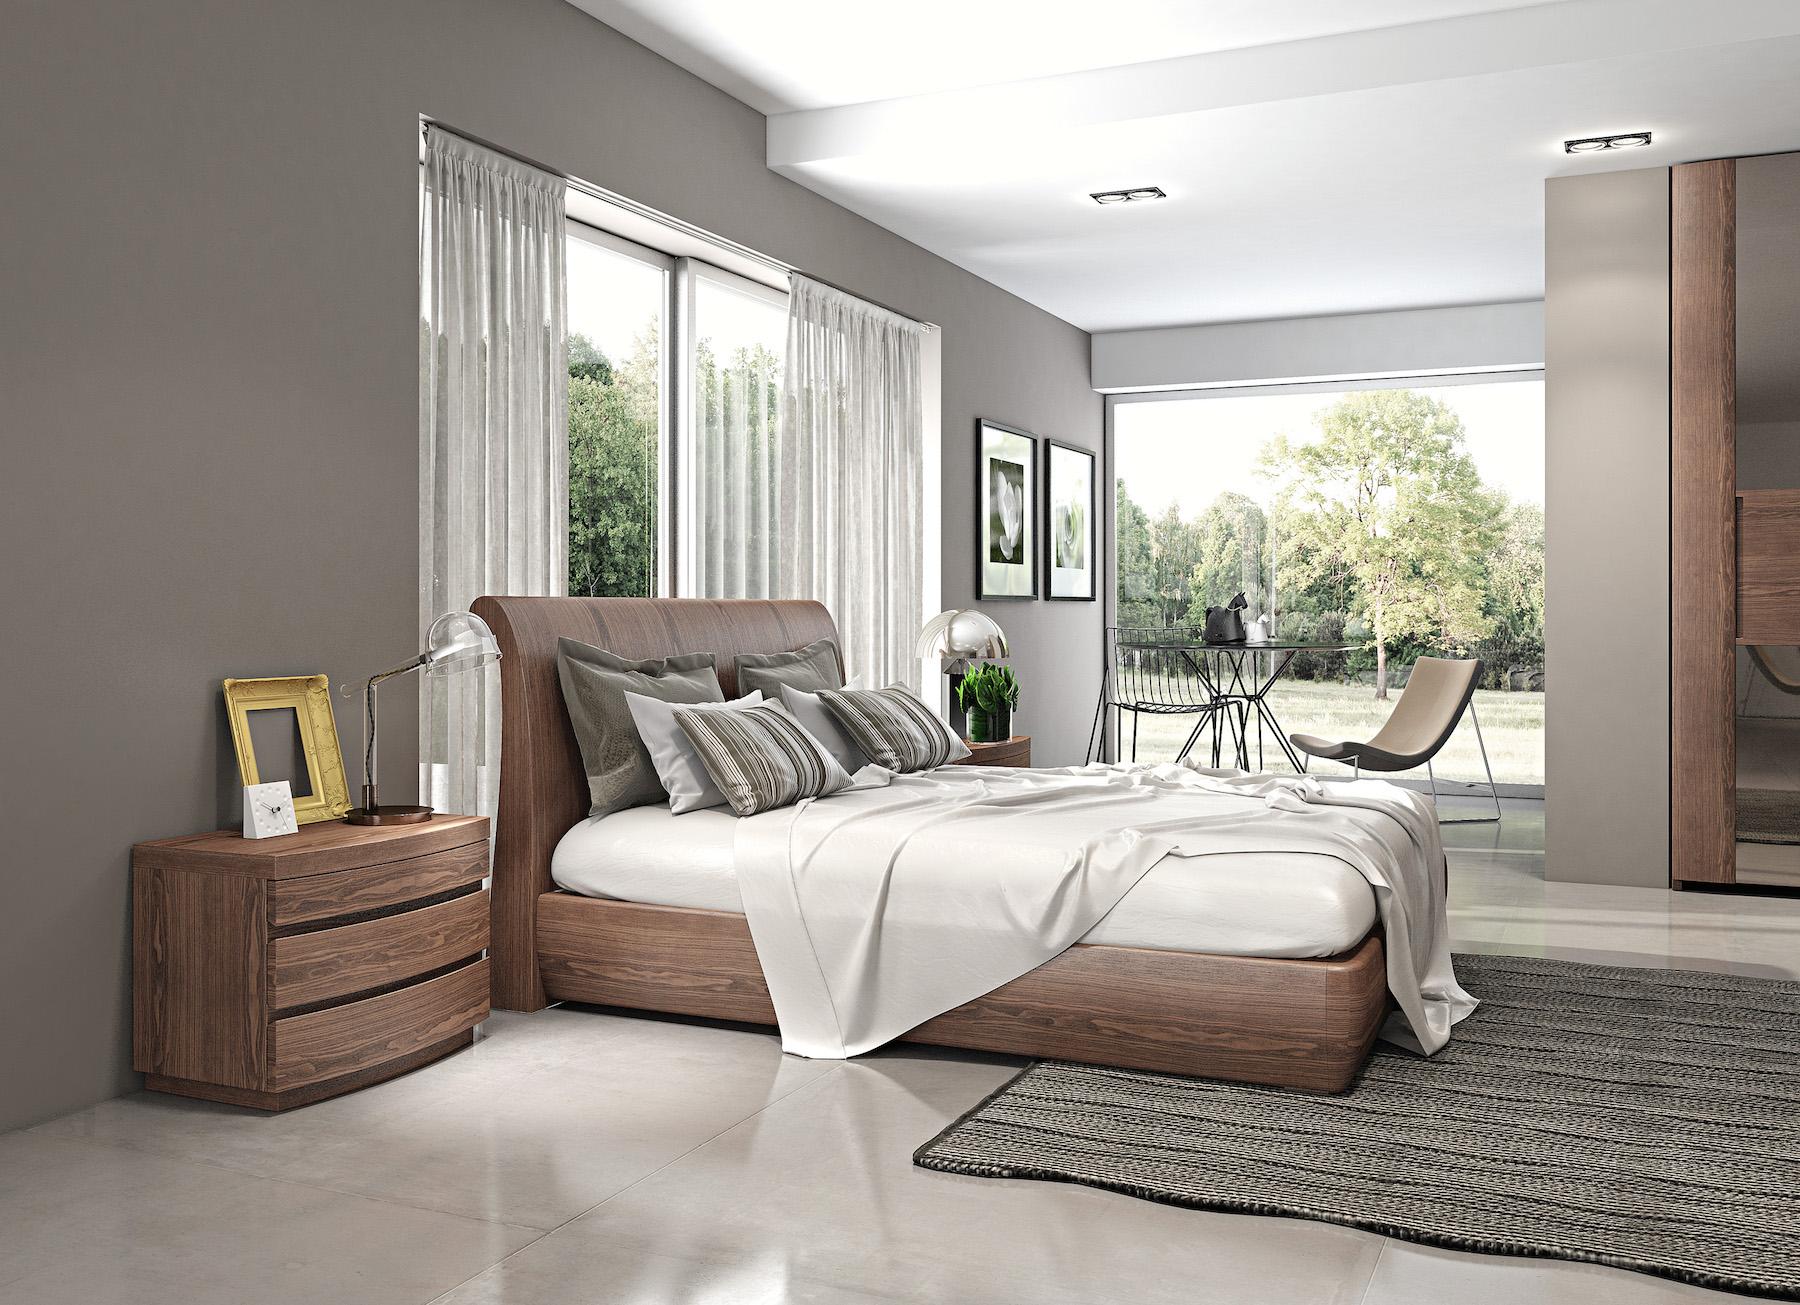 Sponda Letto Incassato : Sponda letto incassato: sponda letto in vendita ricambi e accessori